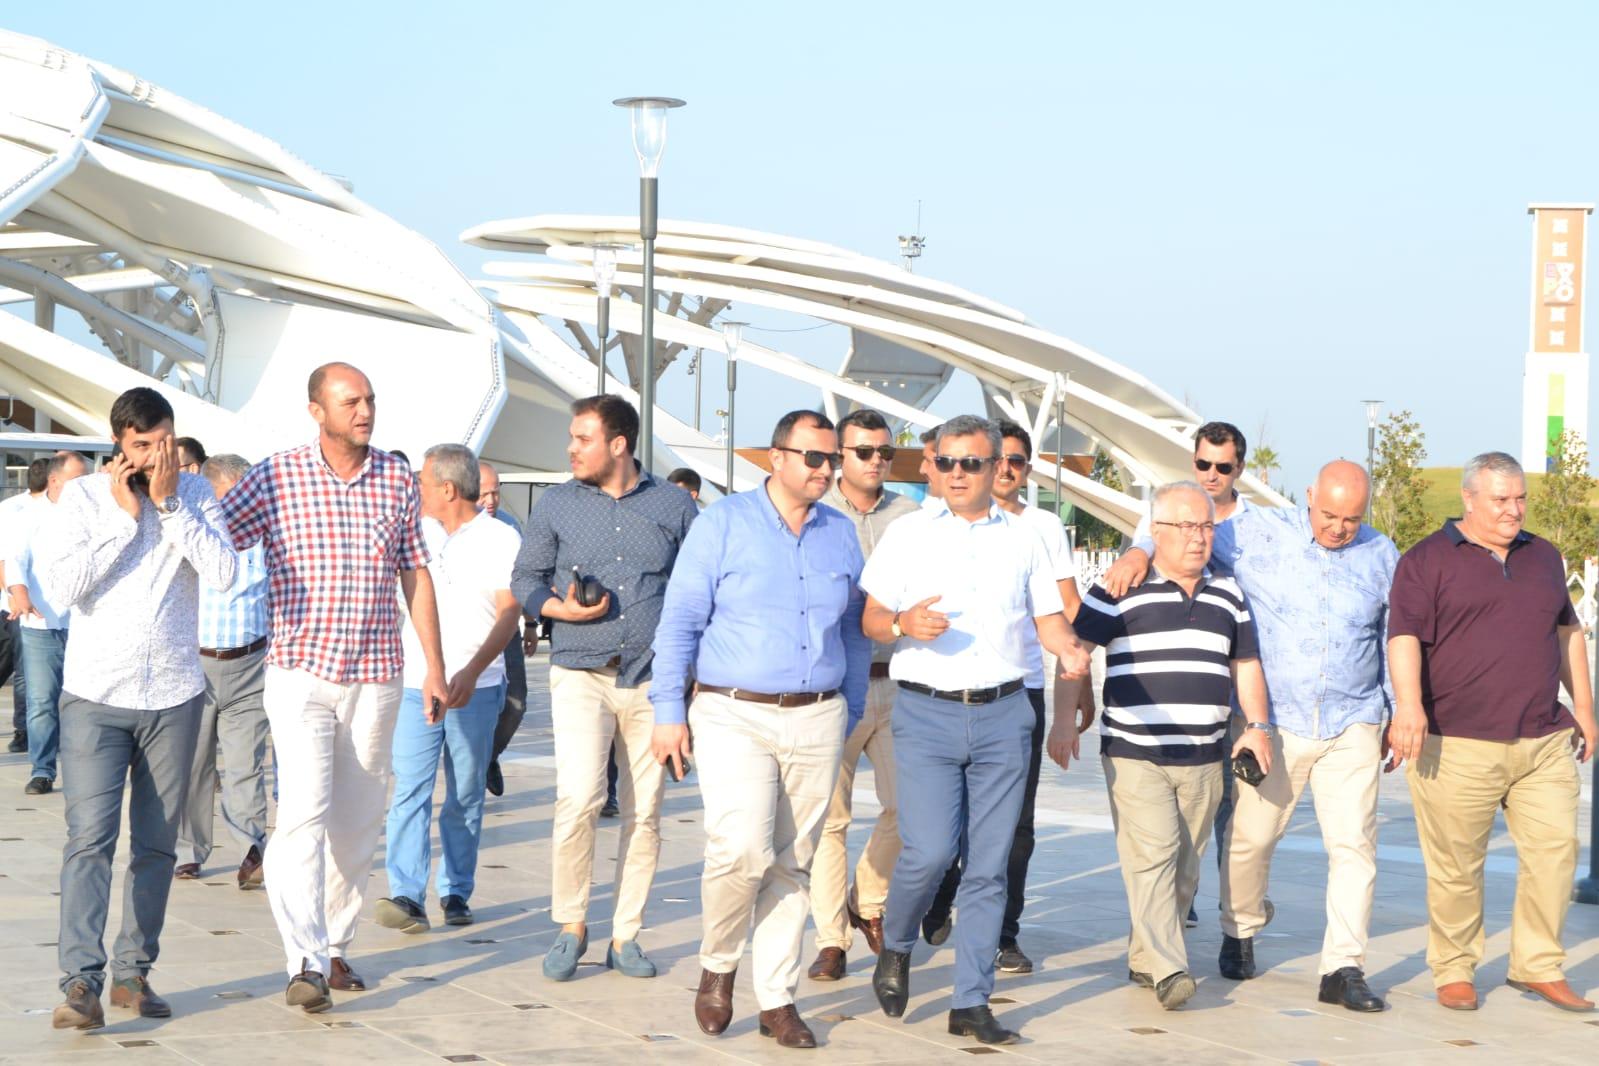 Antalya Ak Parti Başkanı ve yönetim kurulu üyeleri EXPO 2016 Antalya sergi alanı ziyareti